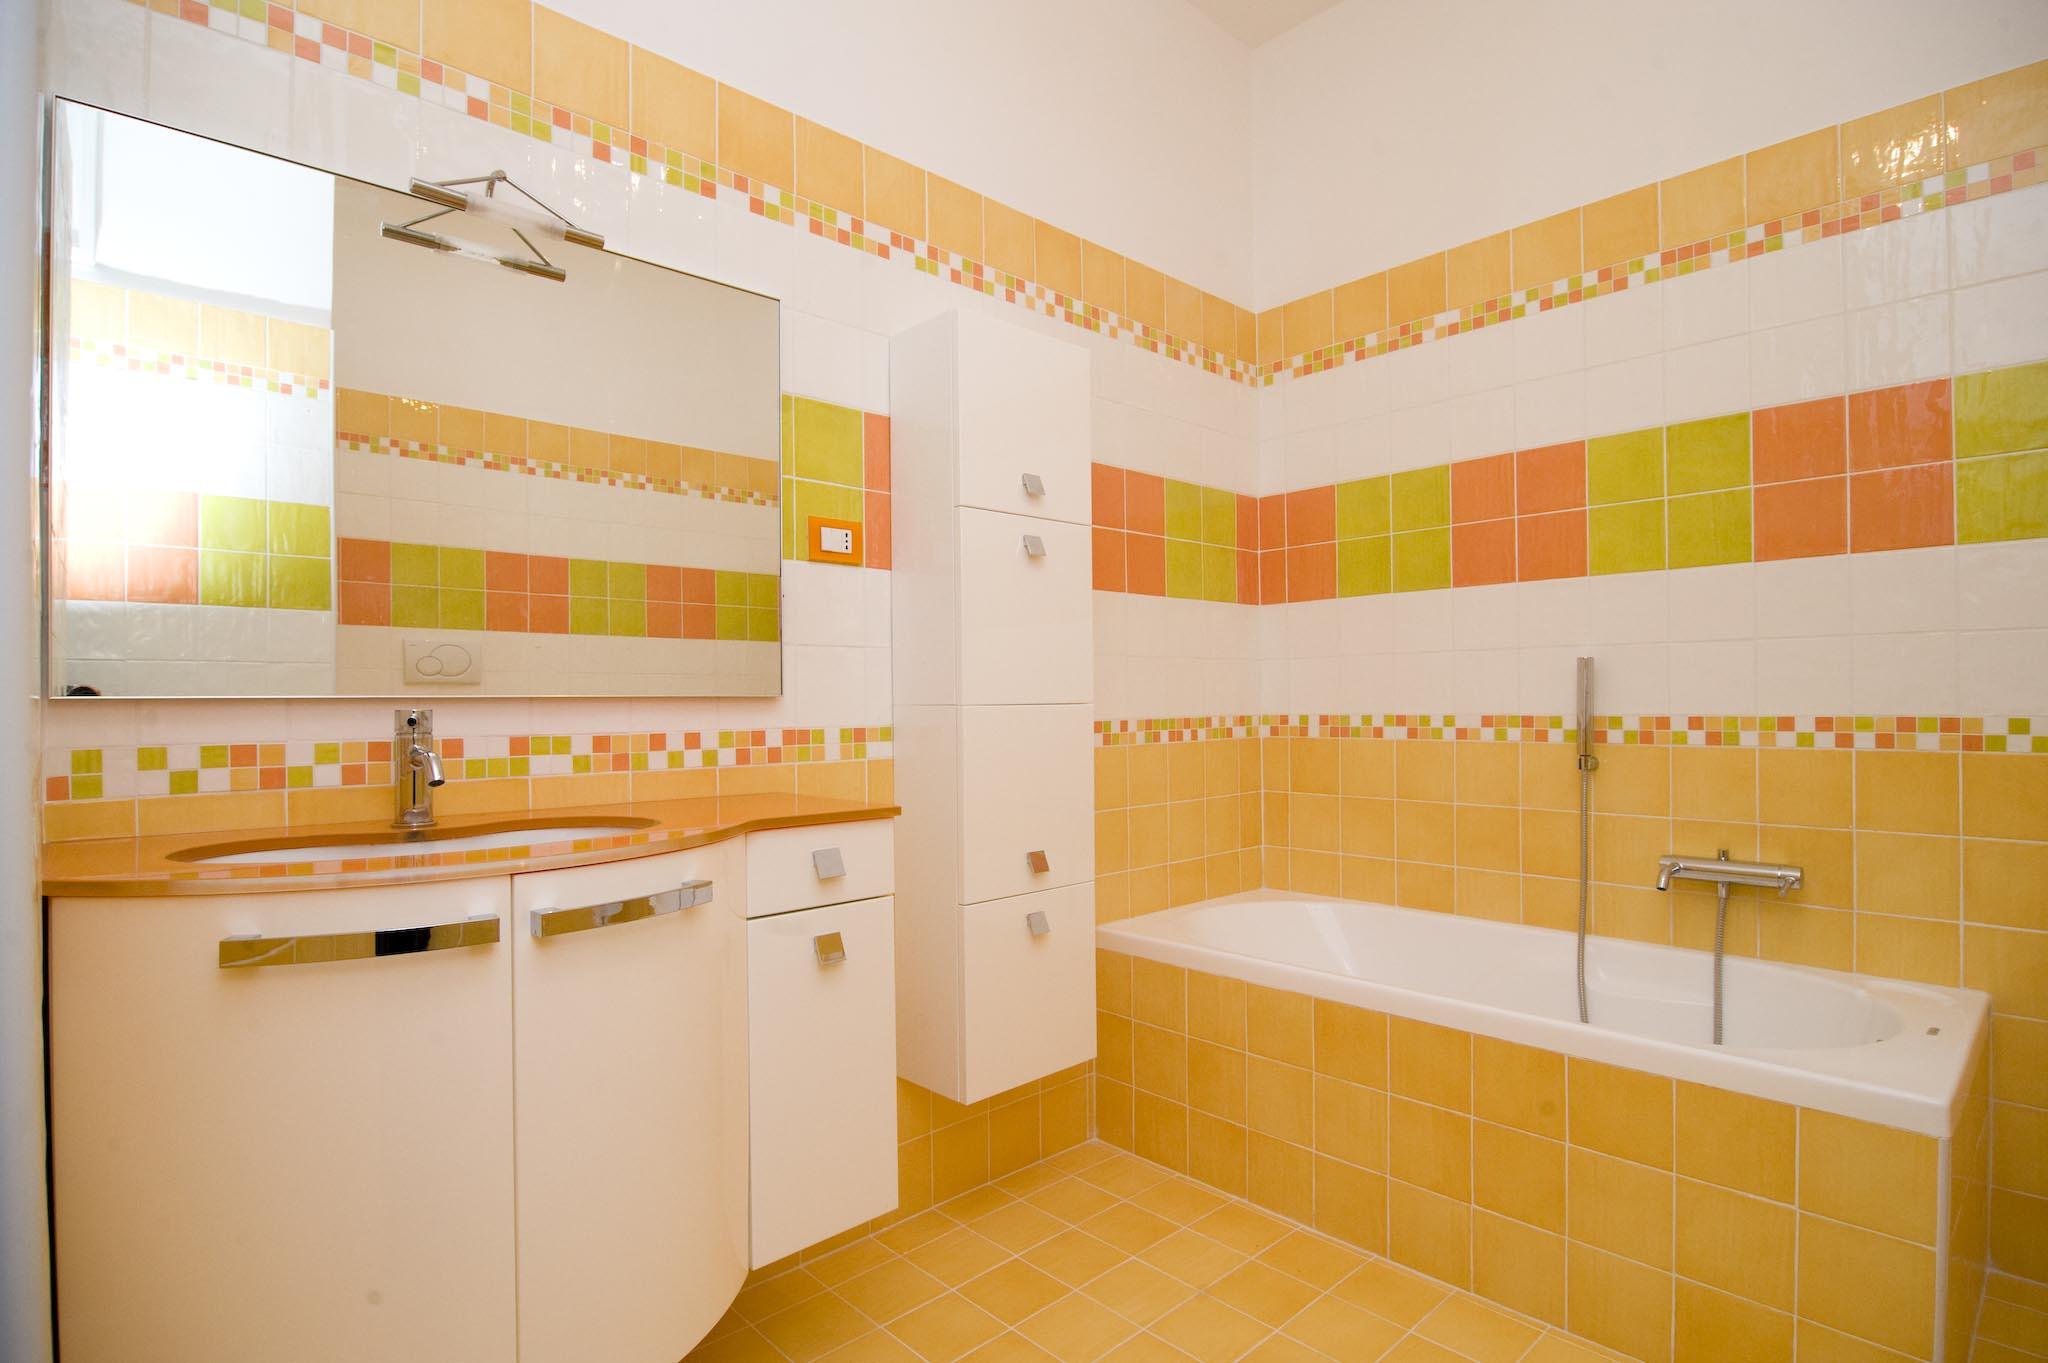 Rifacimento bagno completo impresa edile - Costo sanitari bagno completo ...